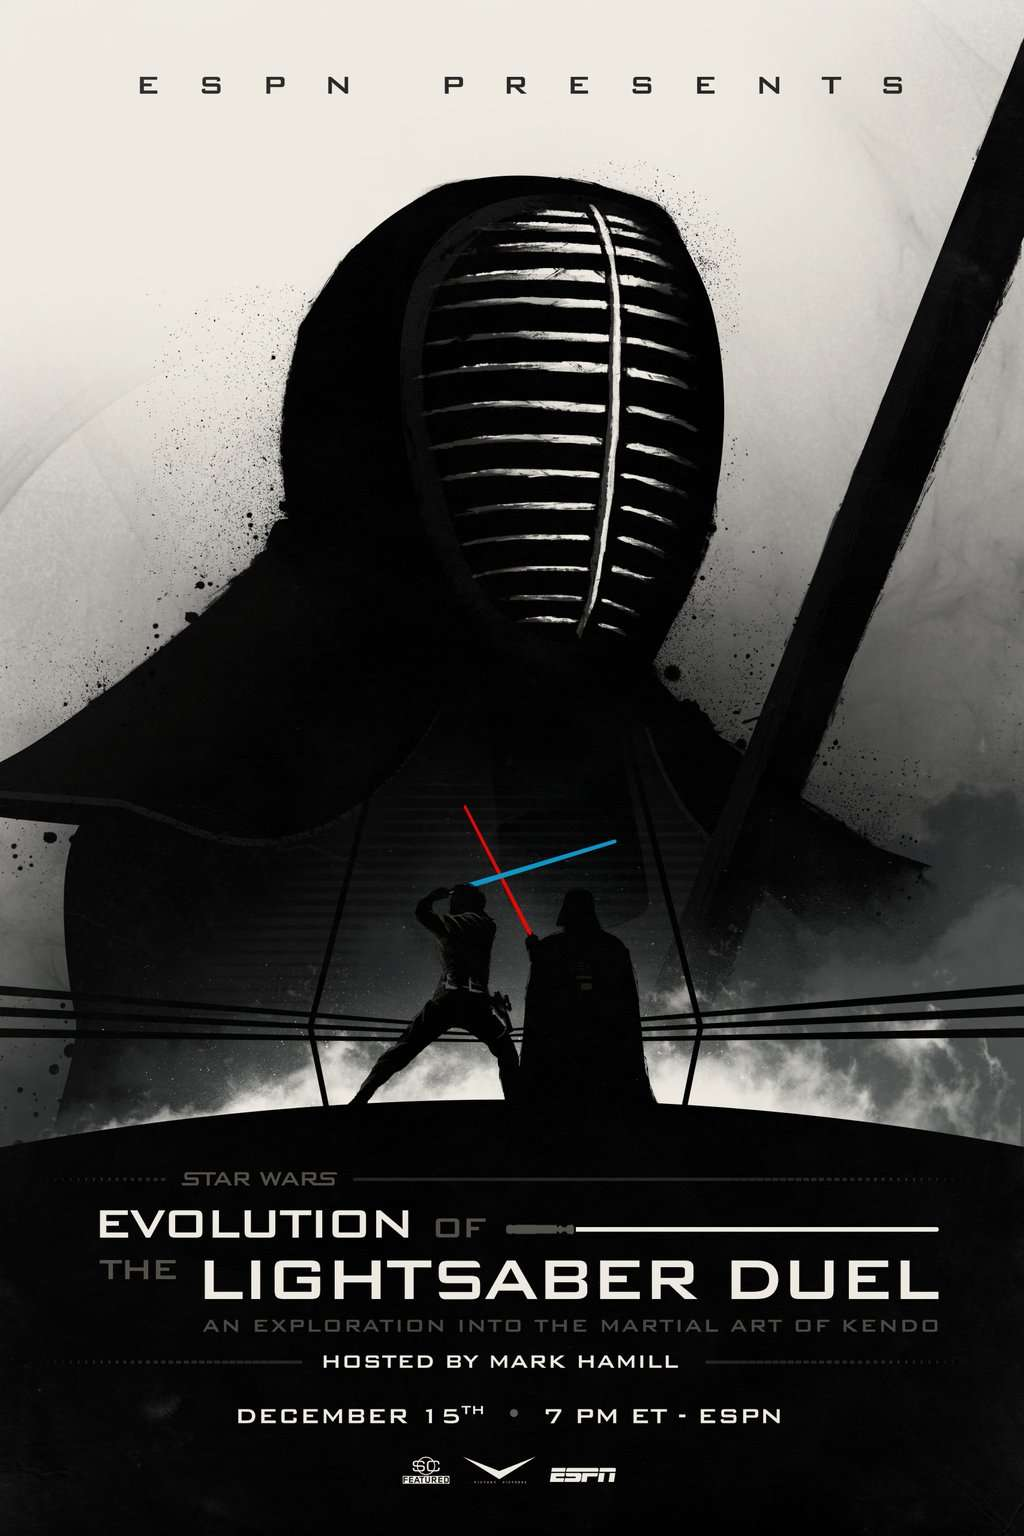 Star Wars: Evolution of the Lightsaber Duel kapak